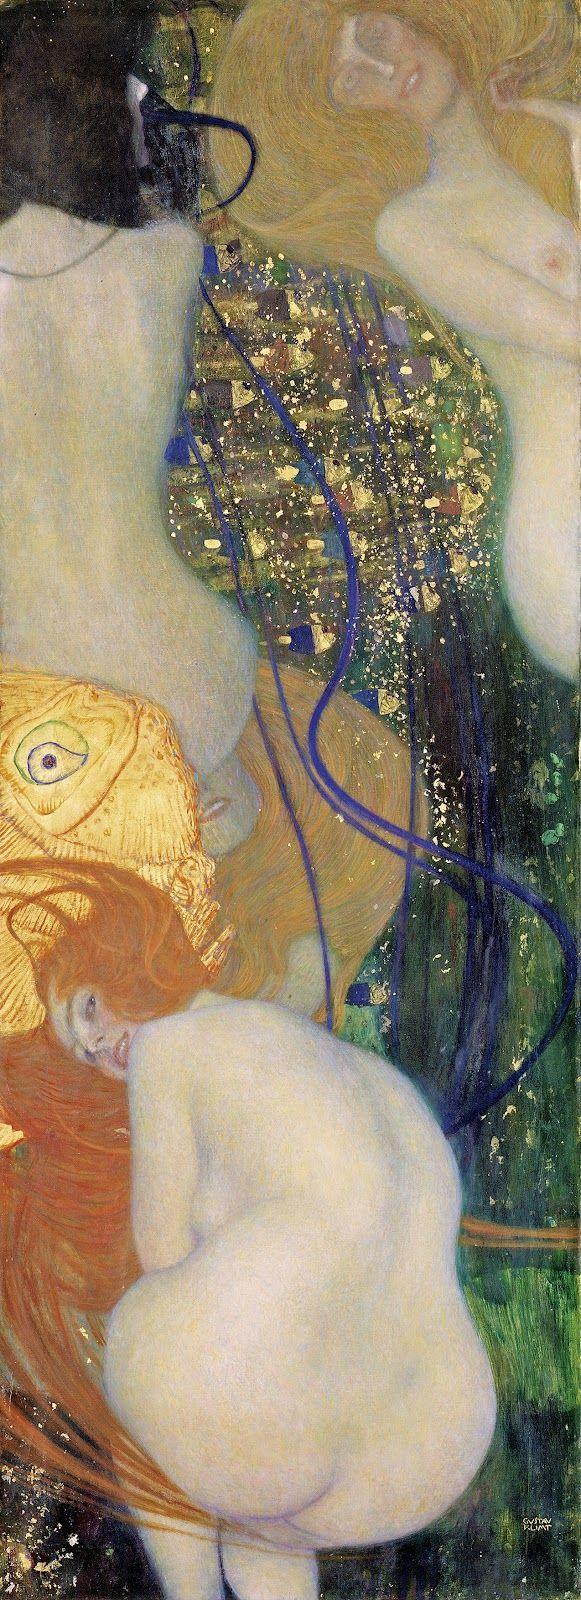 Gustav Klimt : Les poissons rouges, 1901-1902 - Me fait penser au poème de Verlaine, Mon rêve familier